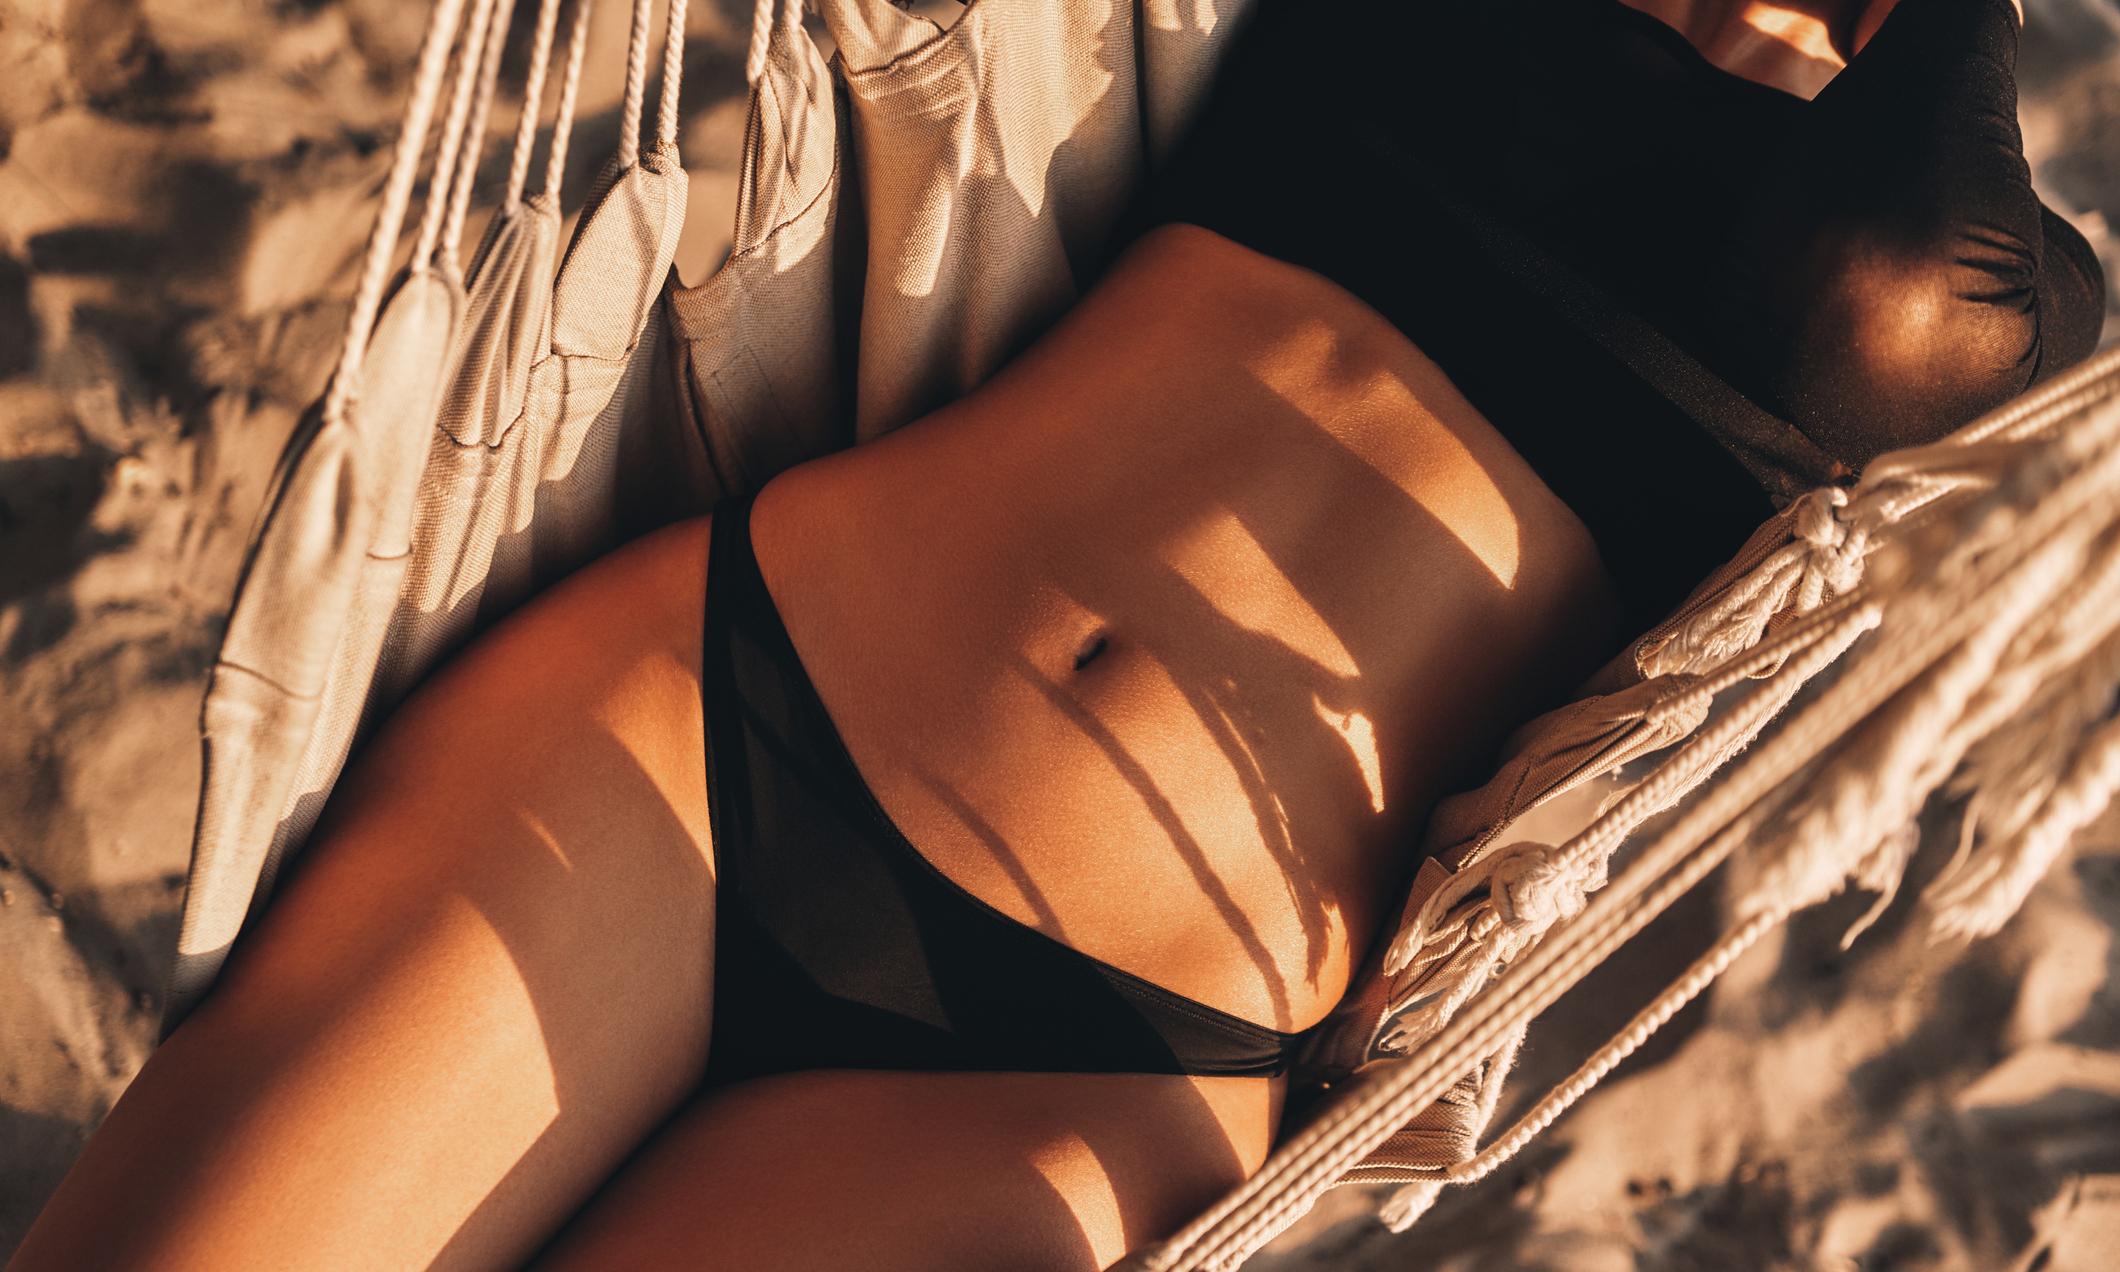 Чего на самом деле хочет ваше тело